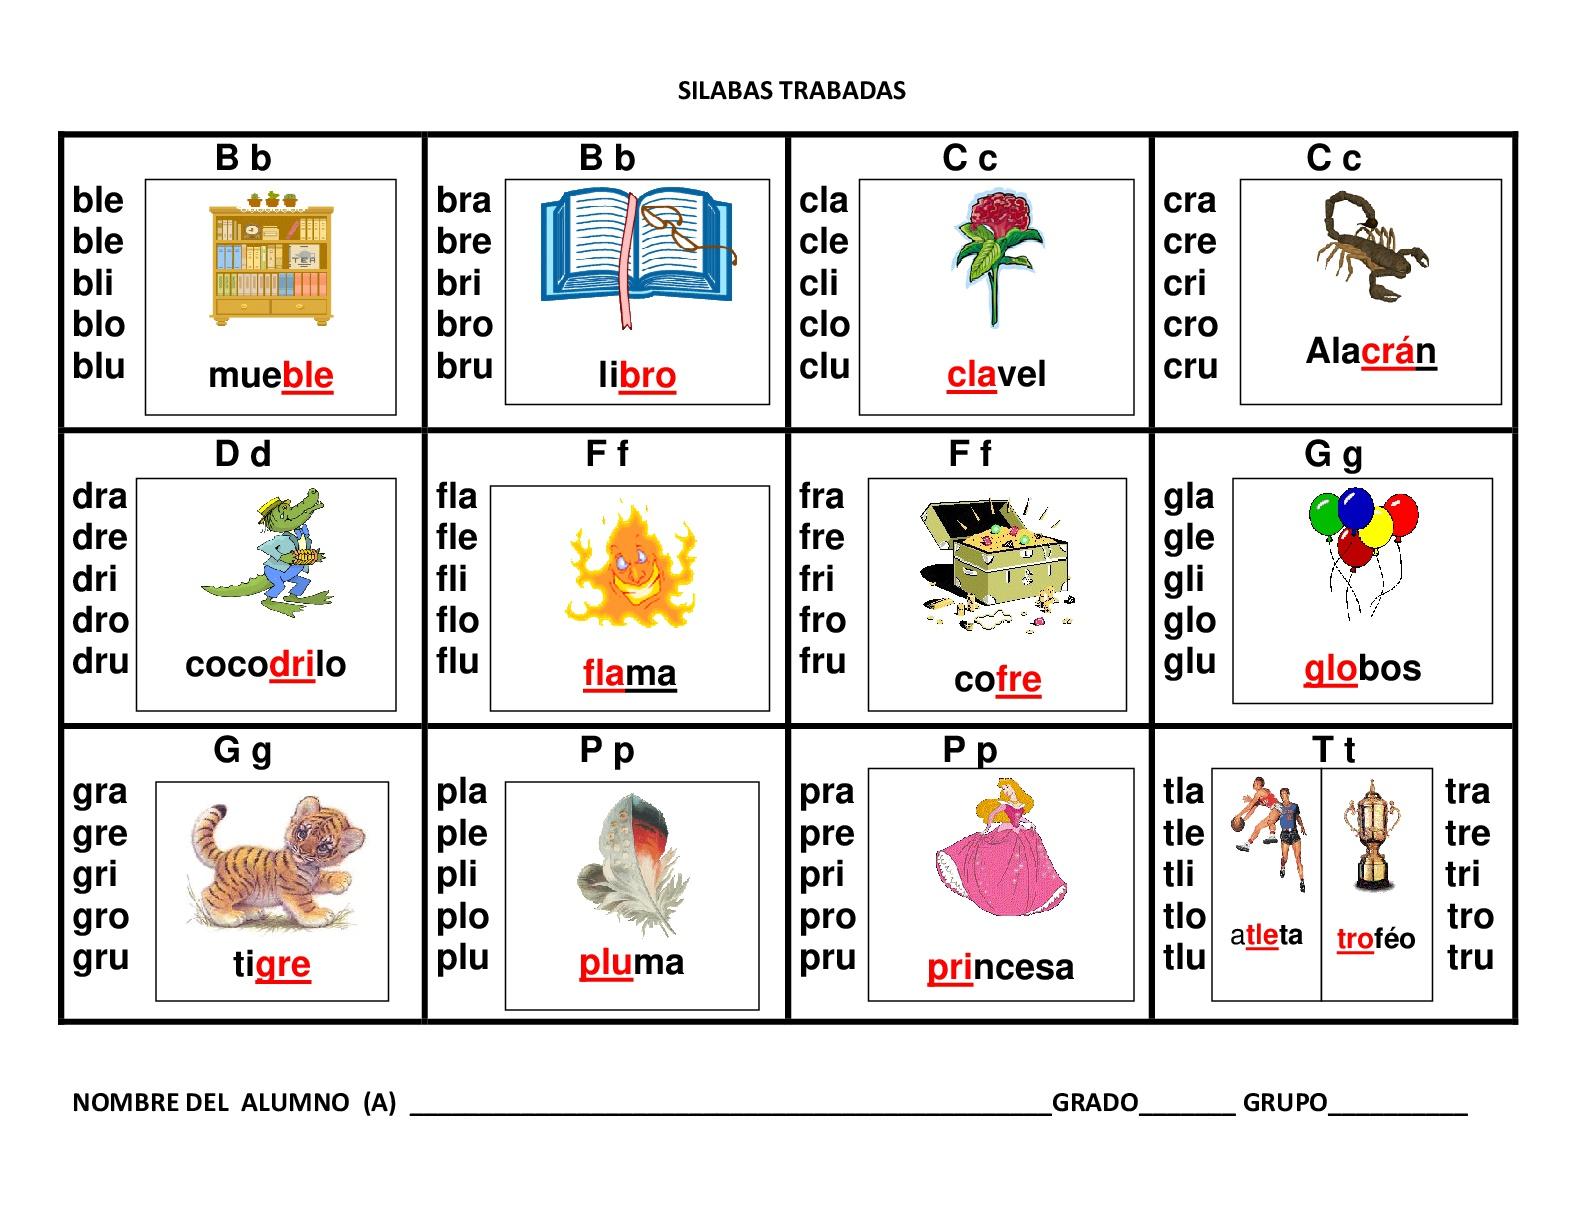 Imagenes Educativas Para Descargar: Silabario-en-gran-formato-3